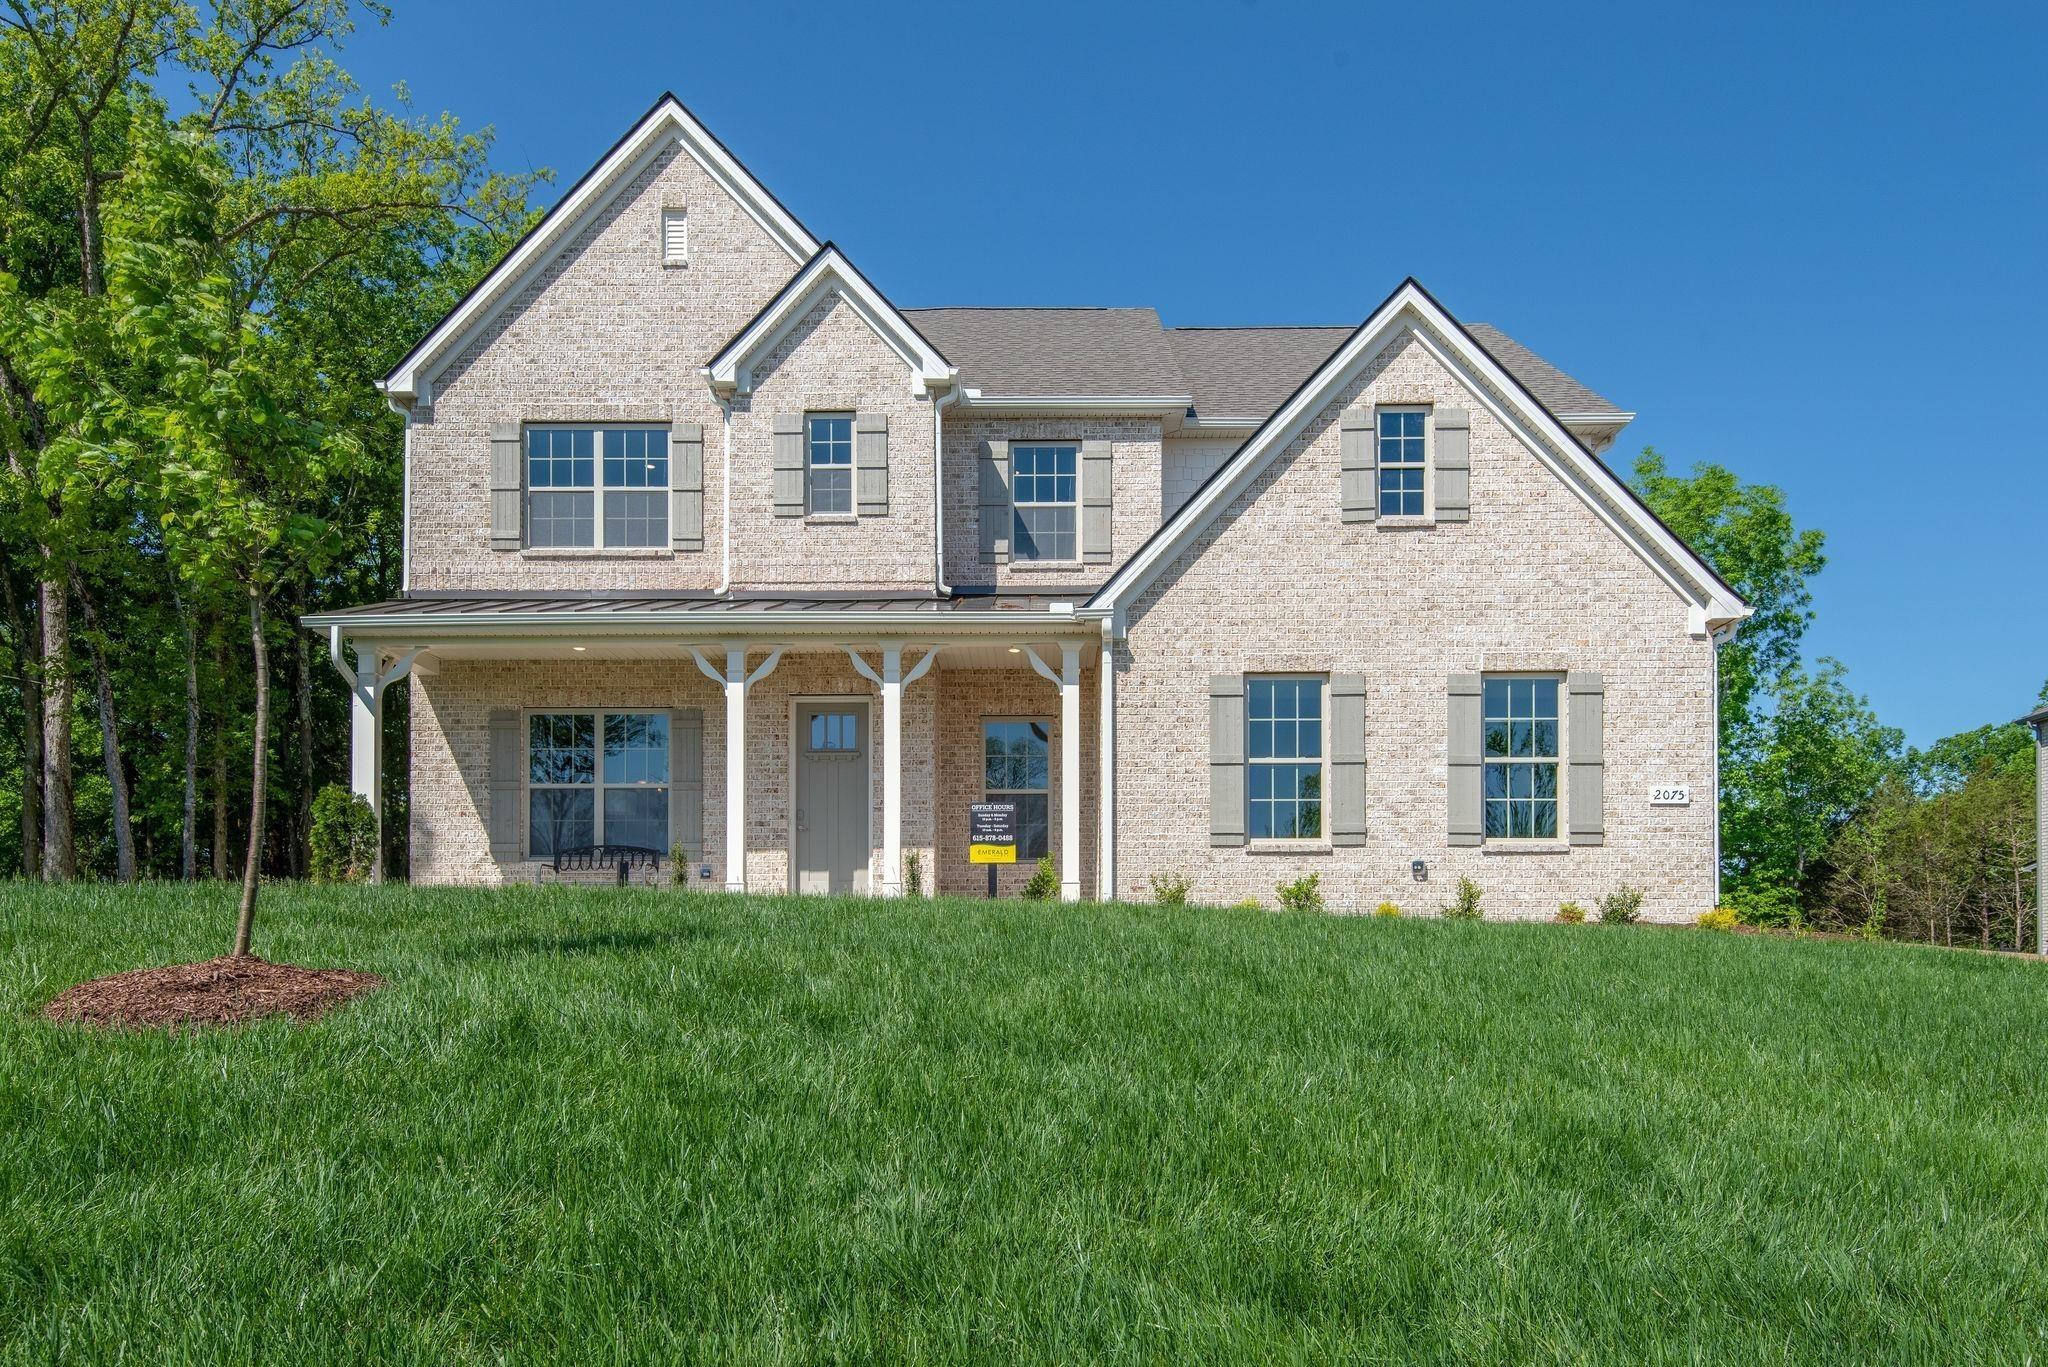 812 Alameda Ave Lot #29, Nolensville, TN 37135 - Nolensville, TN real estate listing